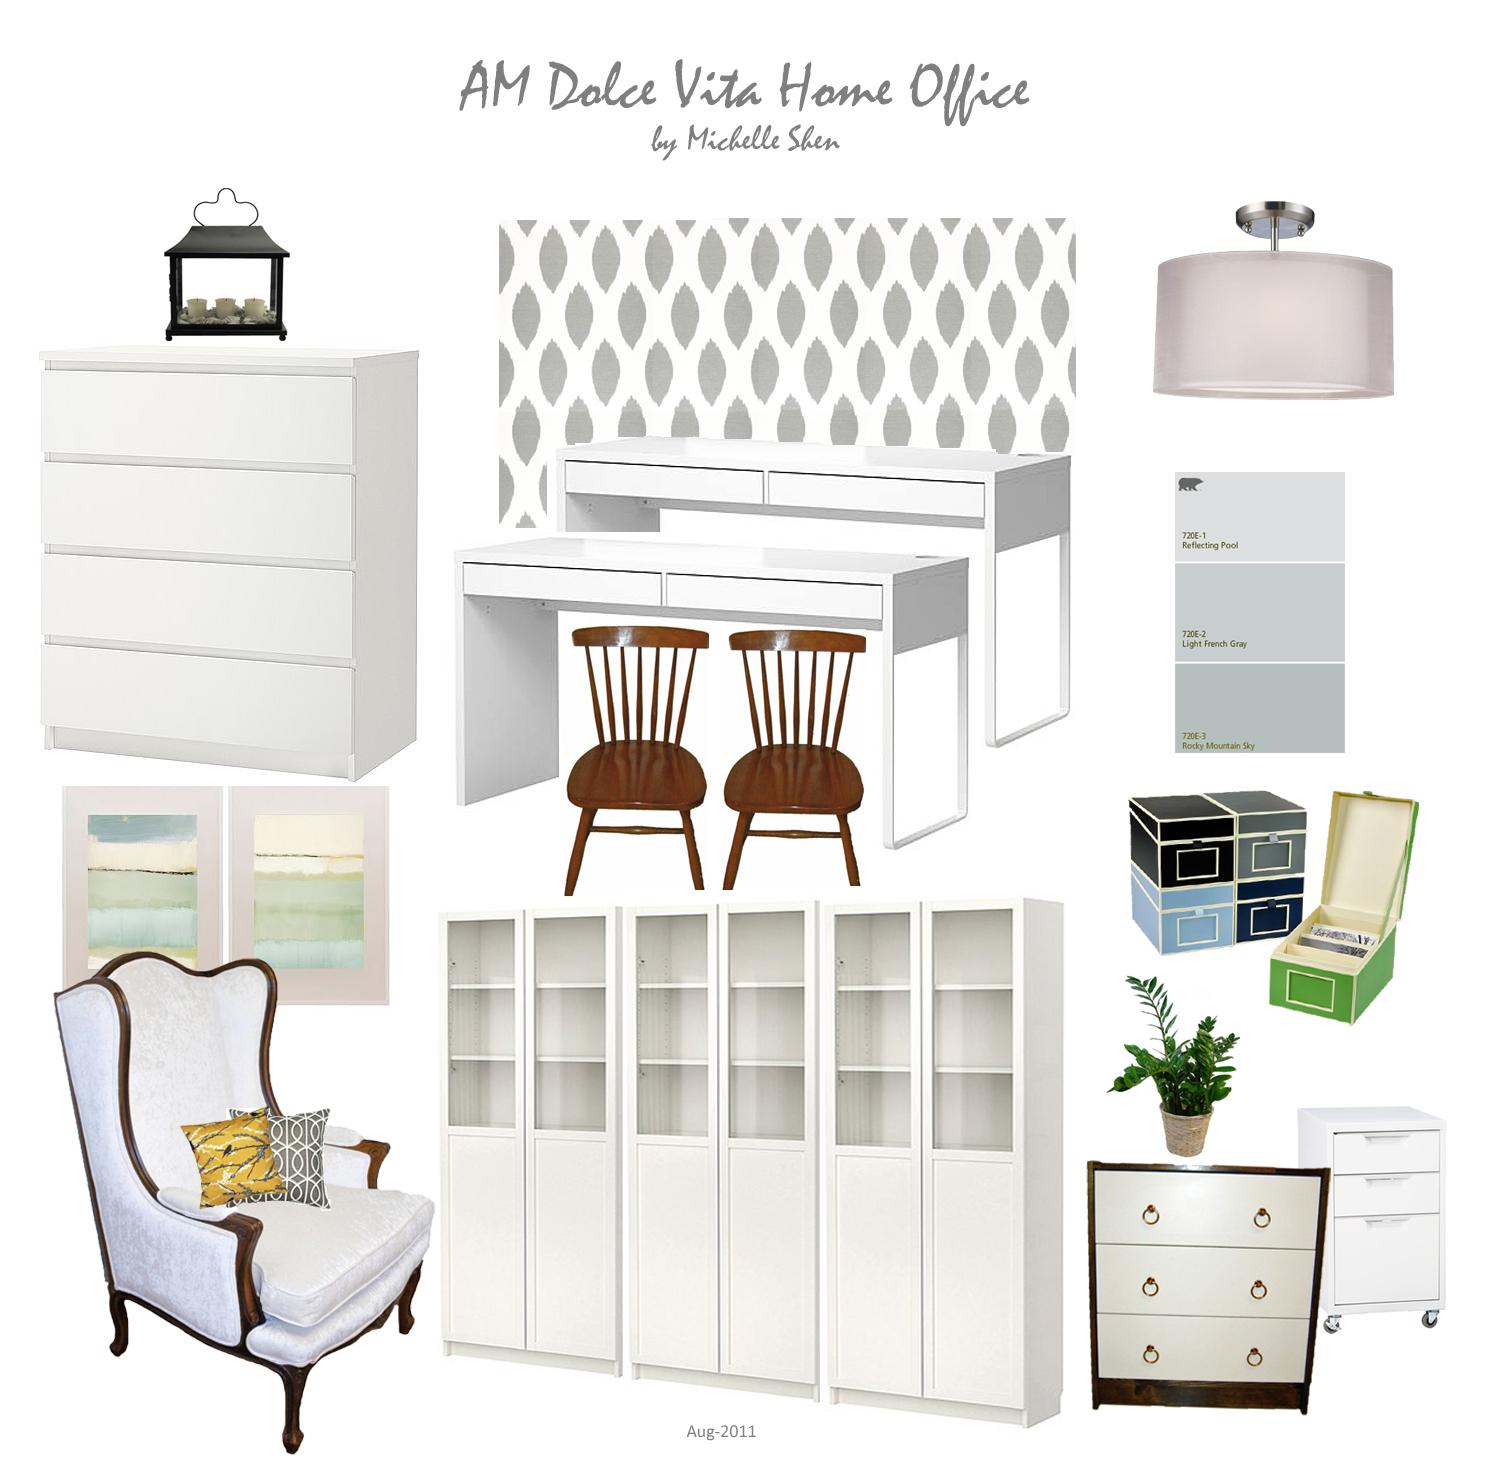 AM Dolce Vita: Design Boards